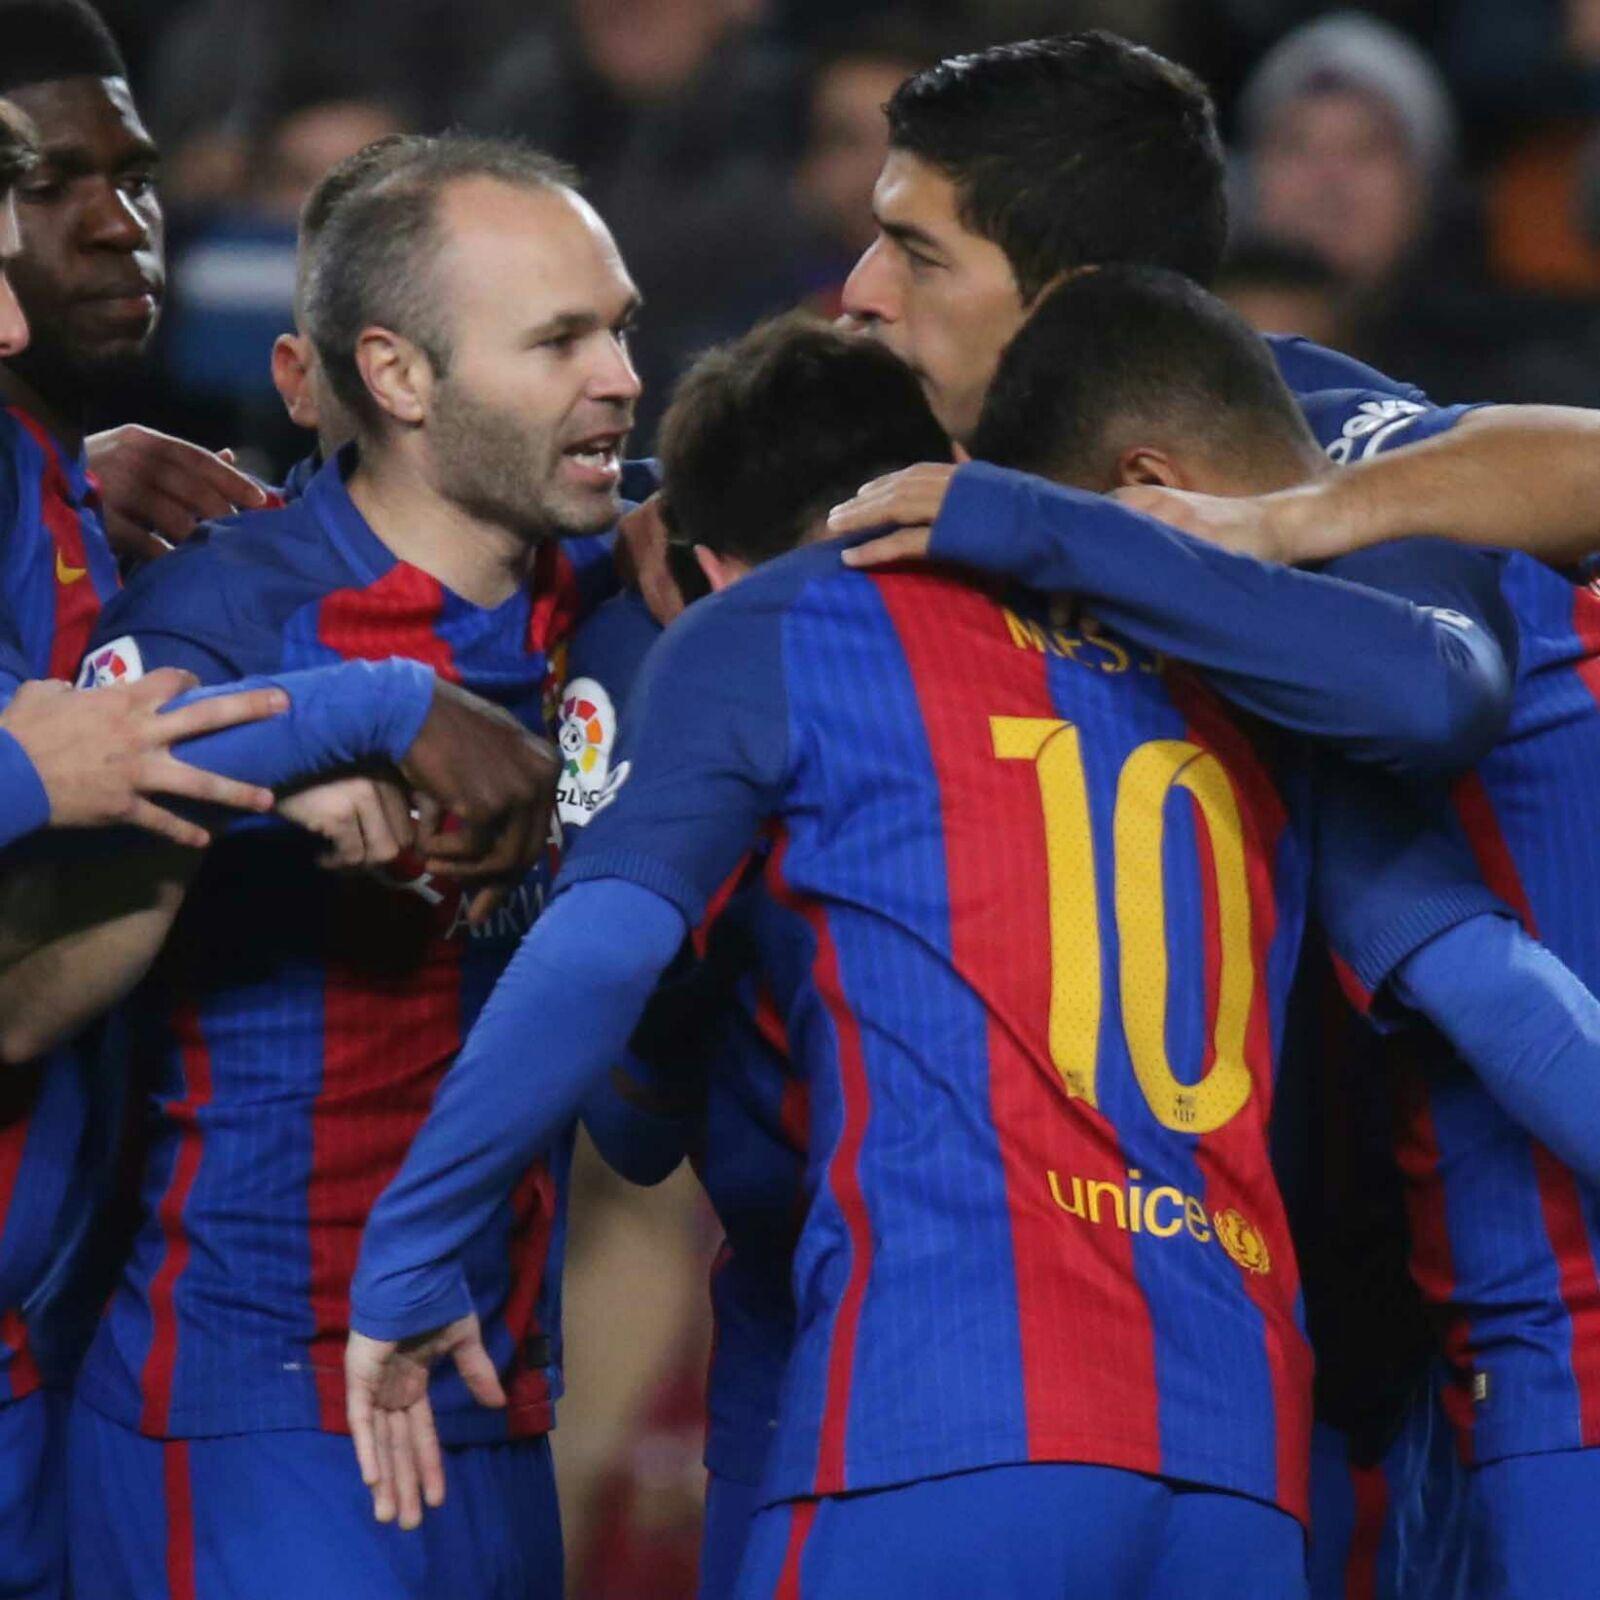 Objetivo cumplido y sensacional esfuerzo equipo y afición! Força Barça!! https://t.co/hezwQtMWiG